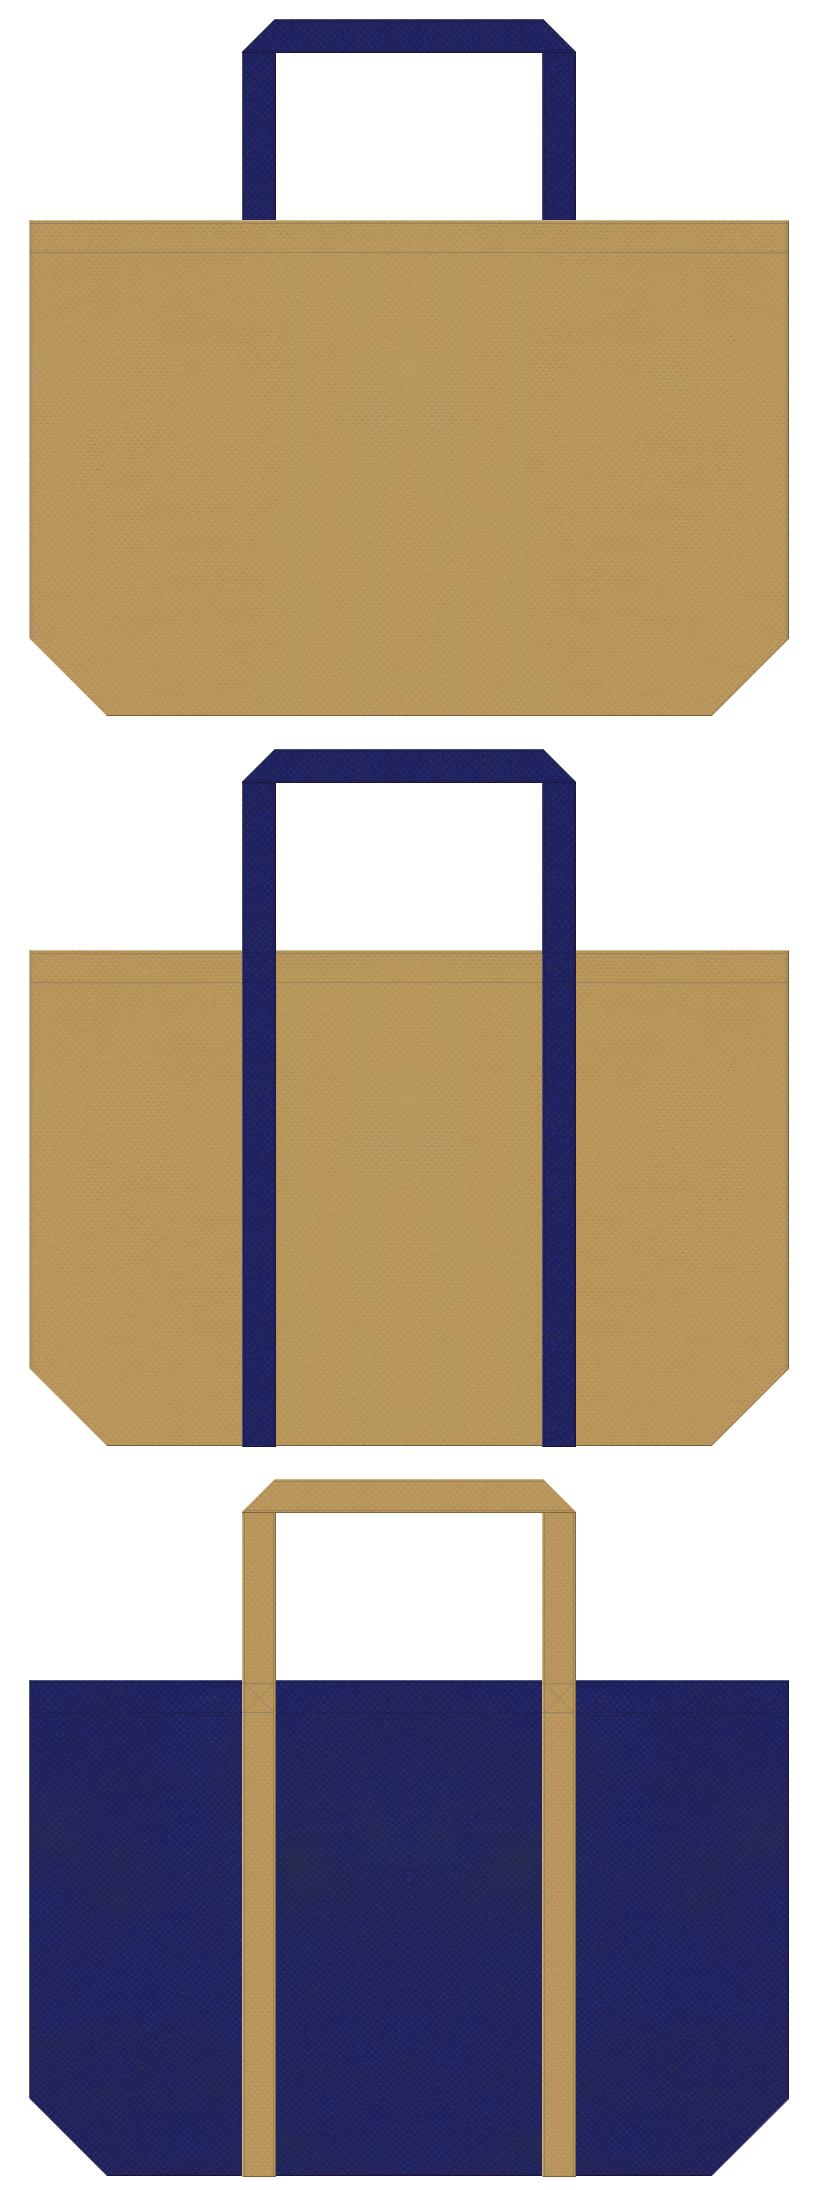 学校・オープンキャンパス・学習塾・レッスンバッグ・デニム・カジュアル・アウトレットのショッピングバッグにお奨めの不織布バッグデザイン:マスタード色と紺色のコーデ